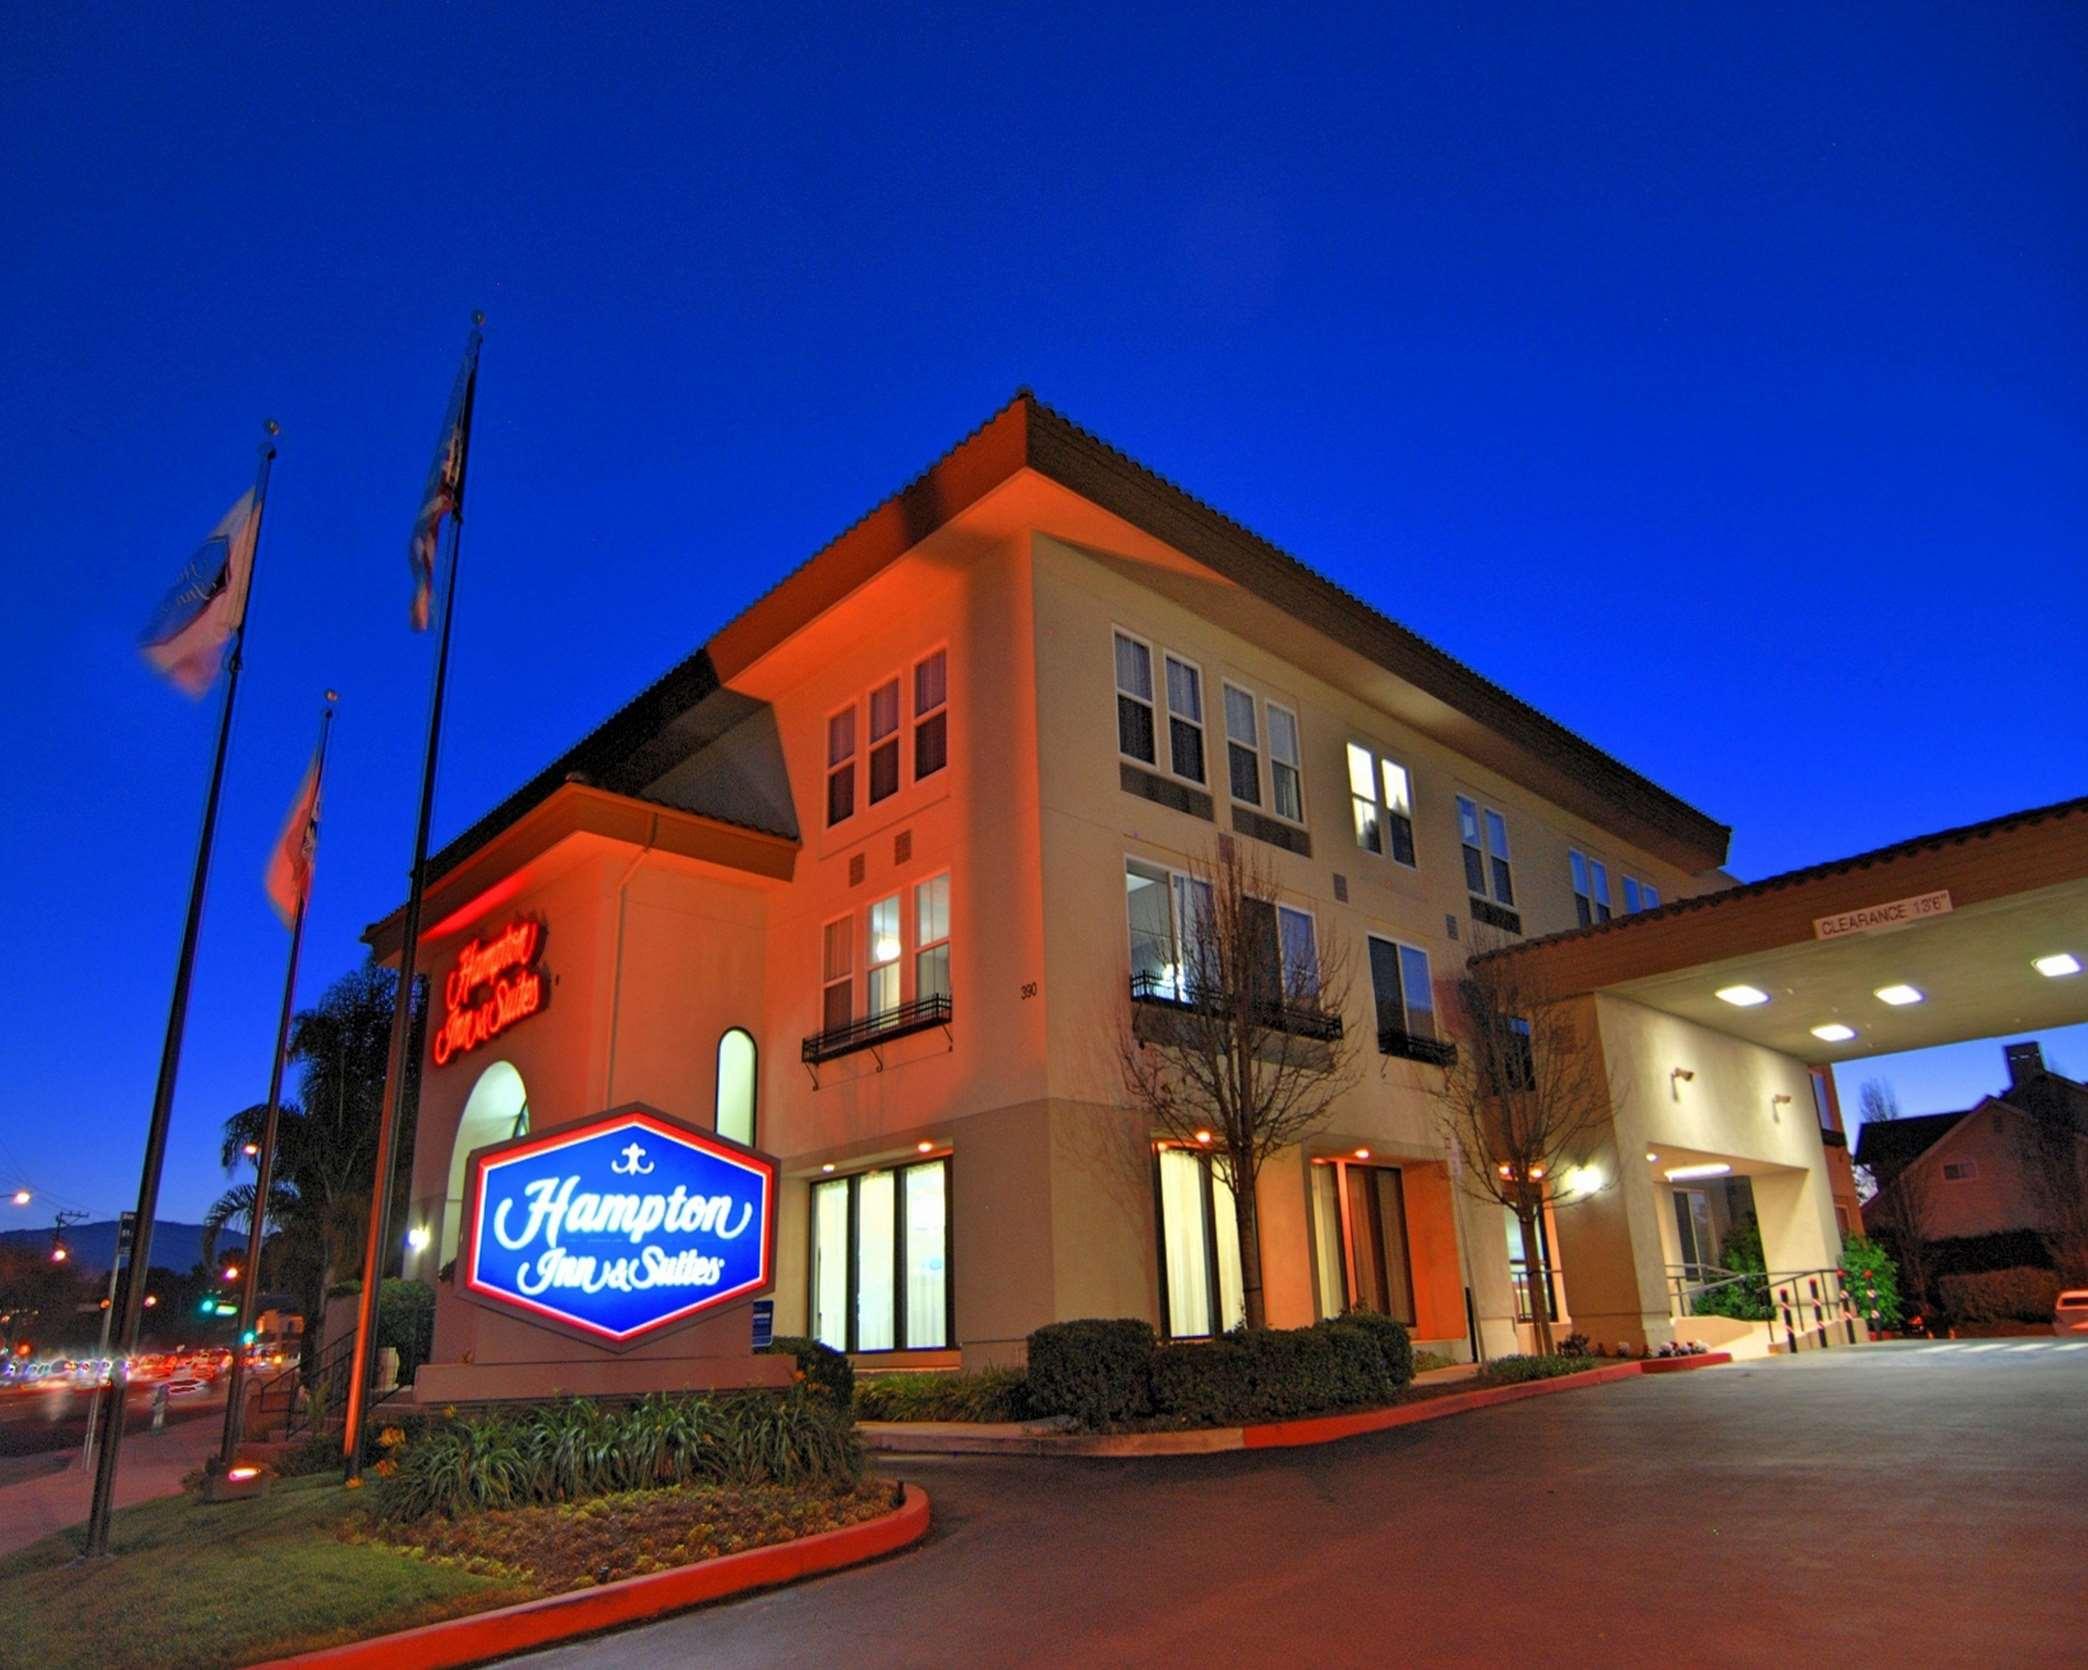 Hampton Inn & Suites Mountain View image 1